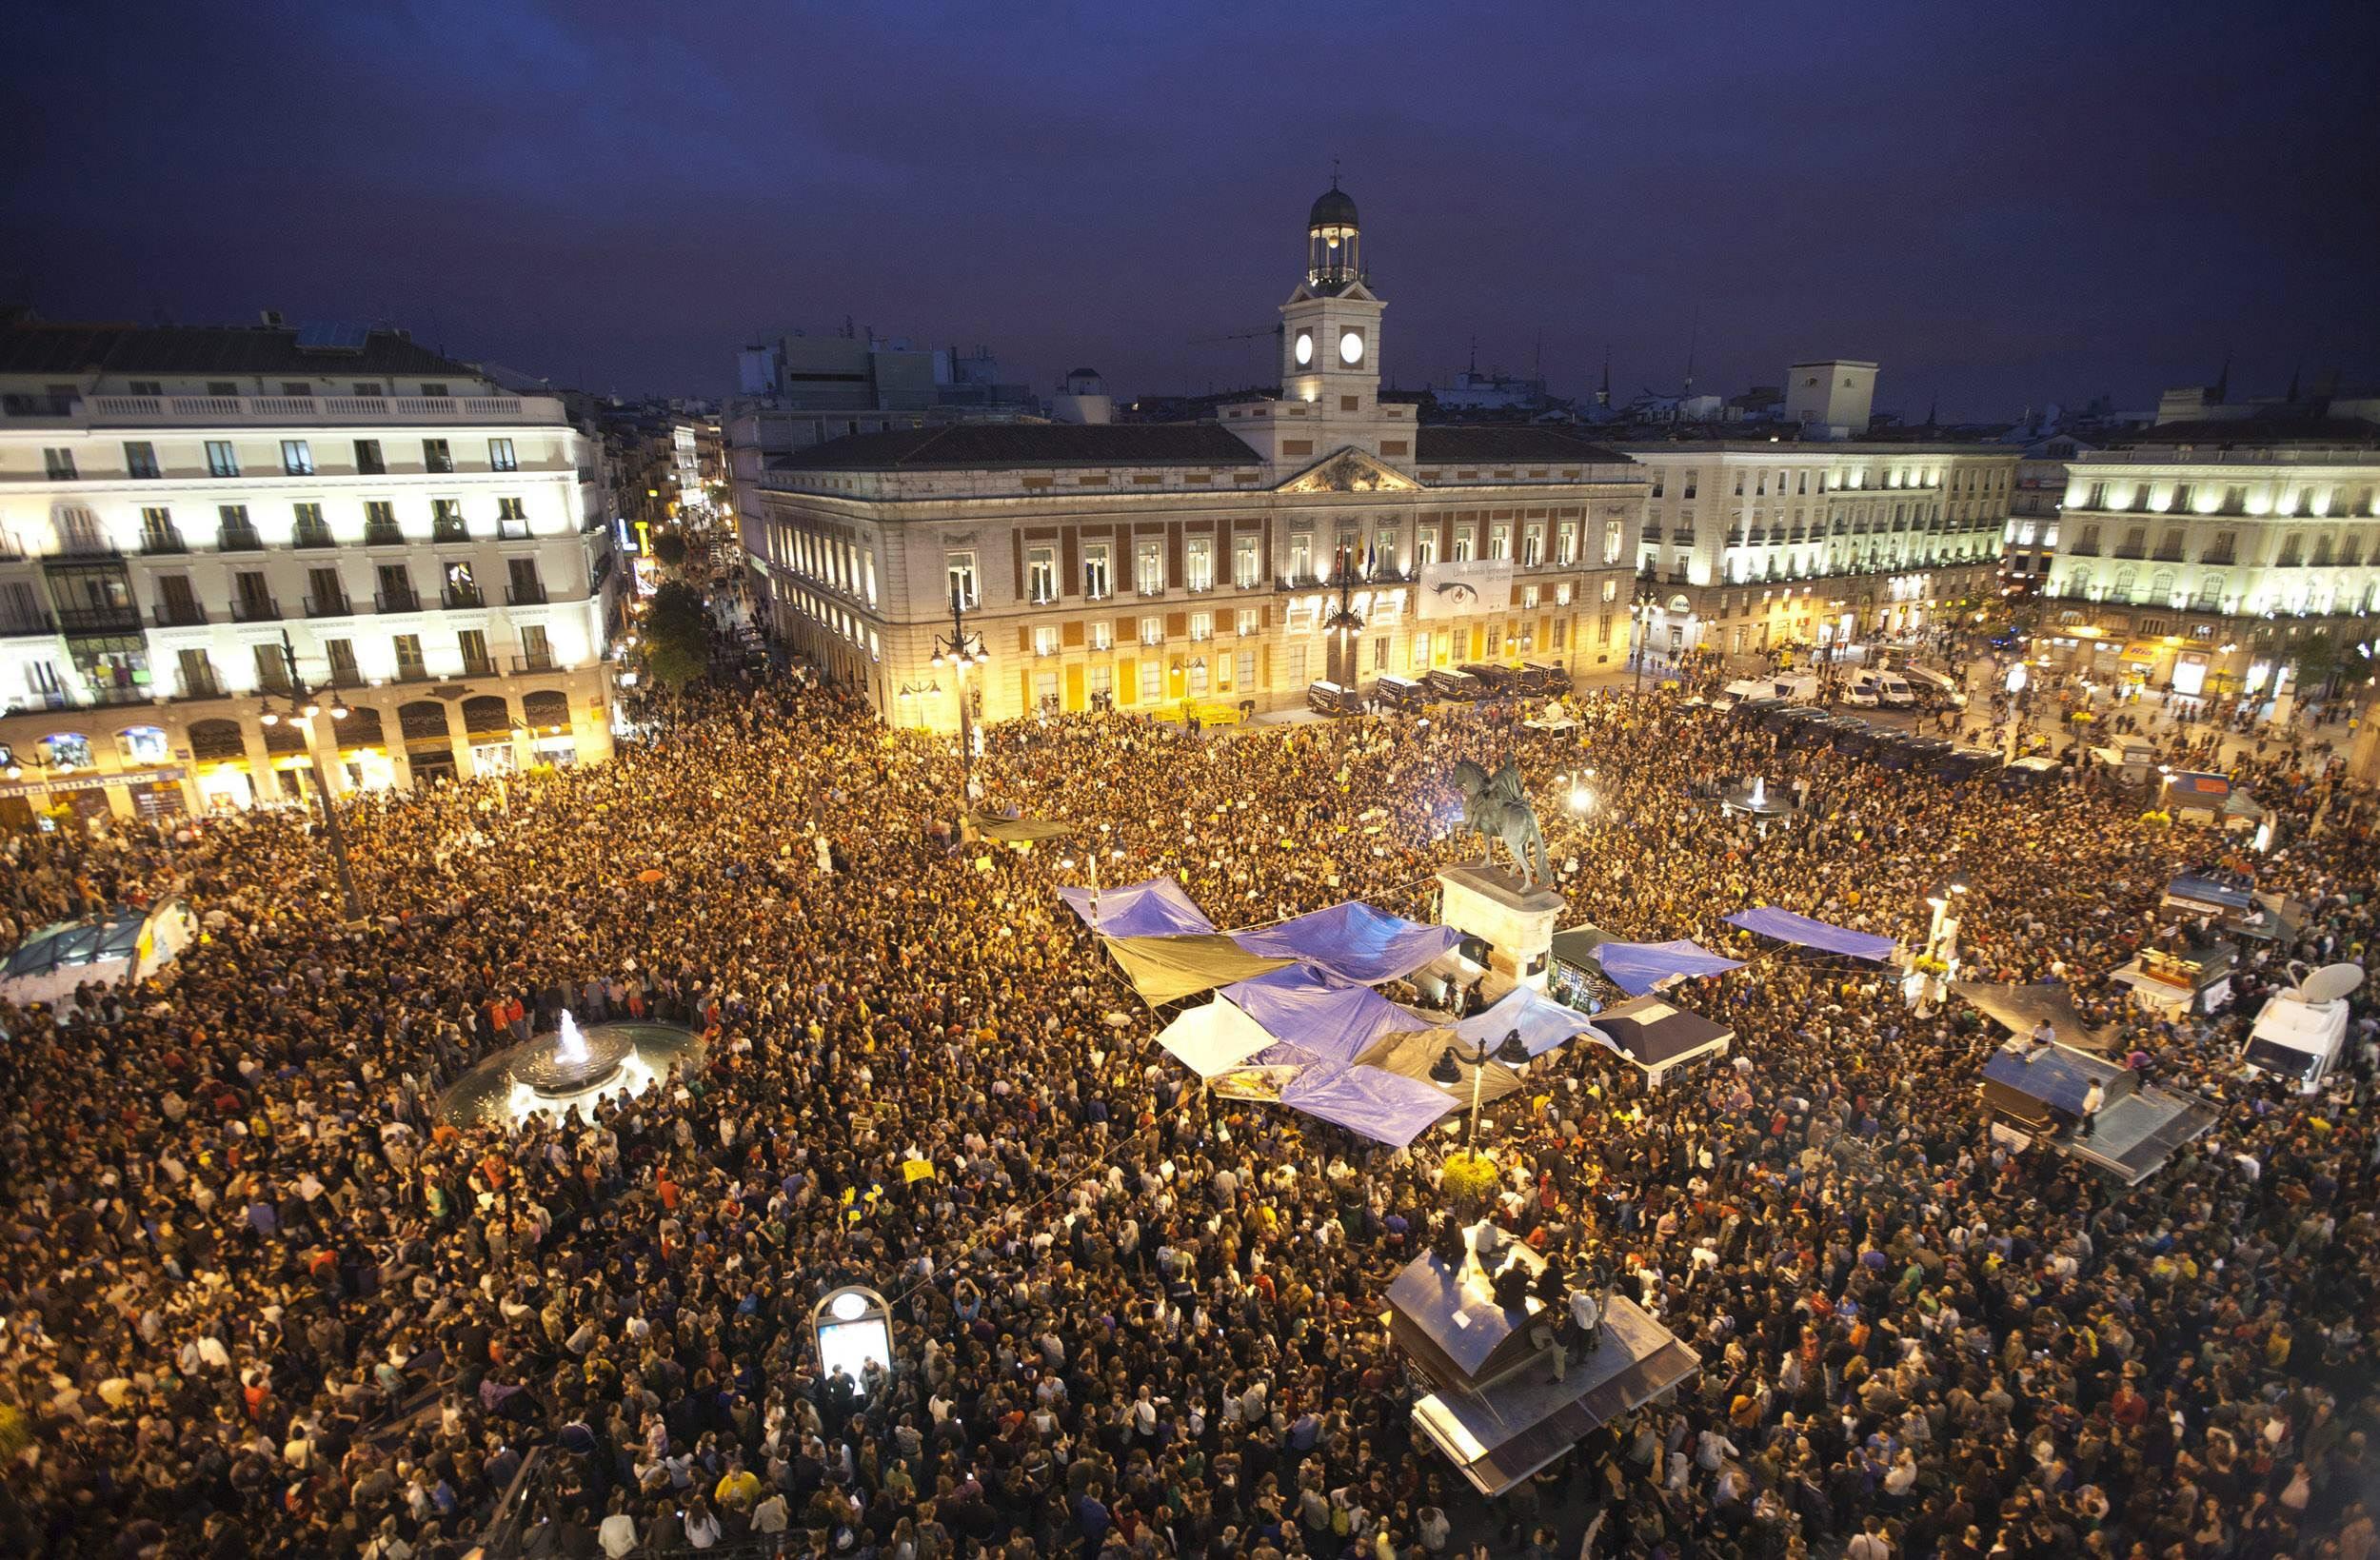 10 consejos para comerte las uvas esta nochevieja en madrid for Puerta del sol en nochevieja